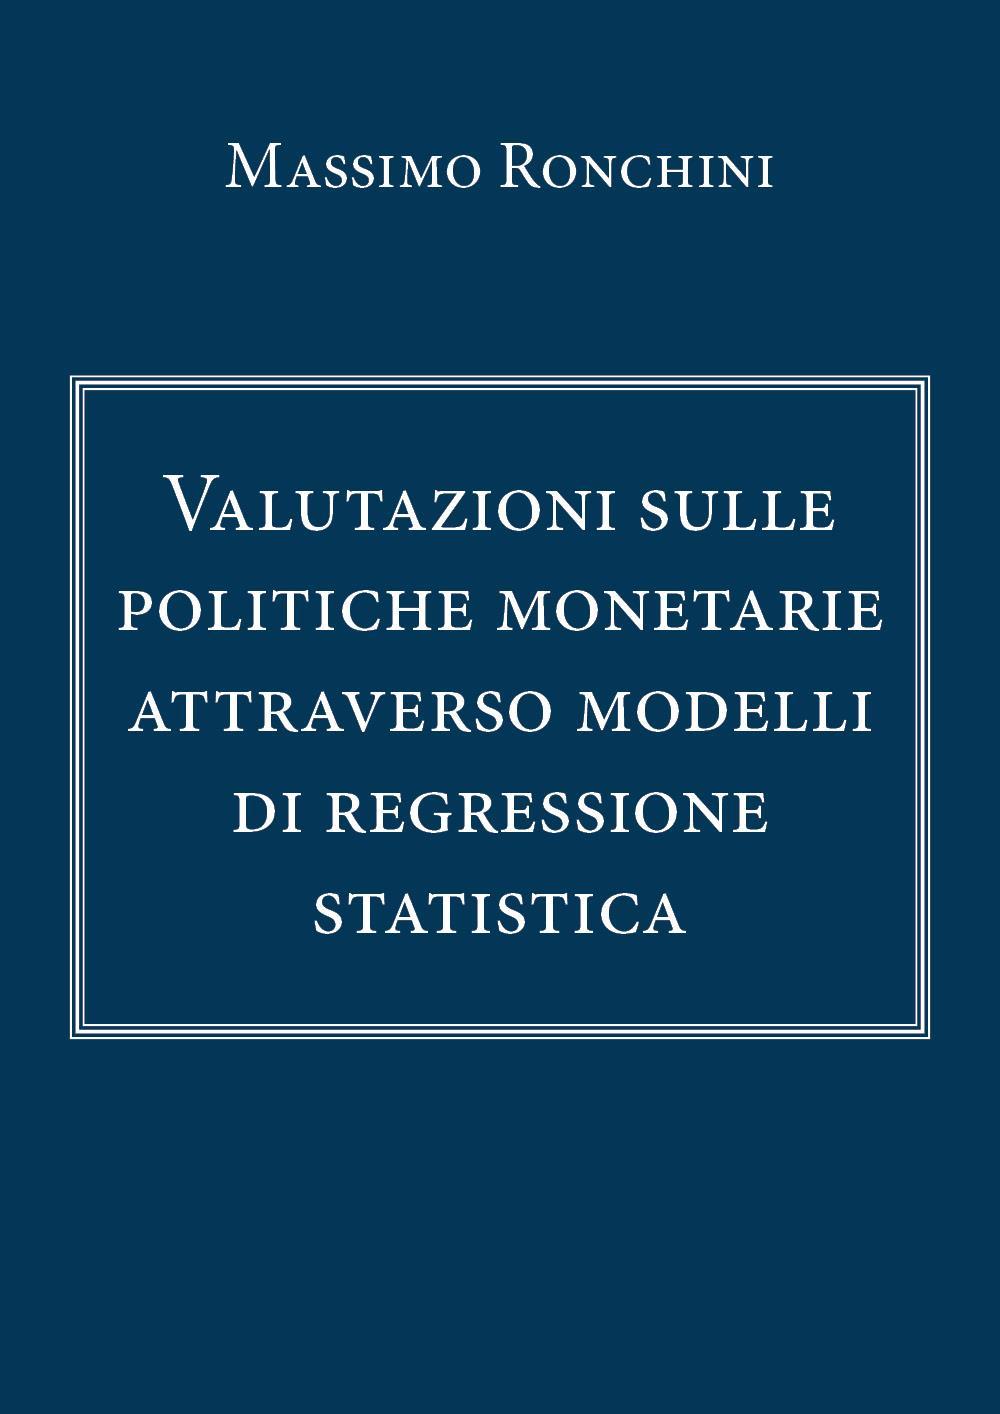 Valutazioni sulle politiche monetarie attraverso modelli di regressione statistica